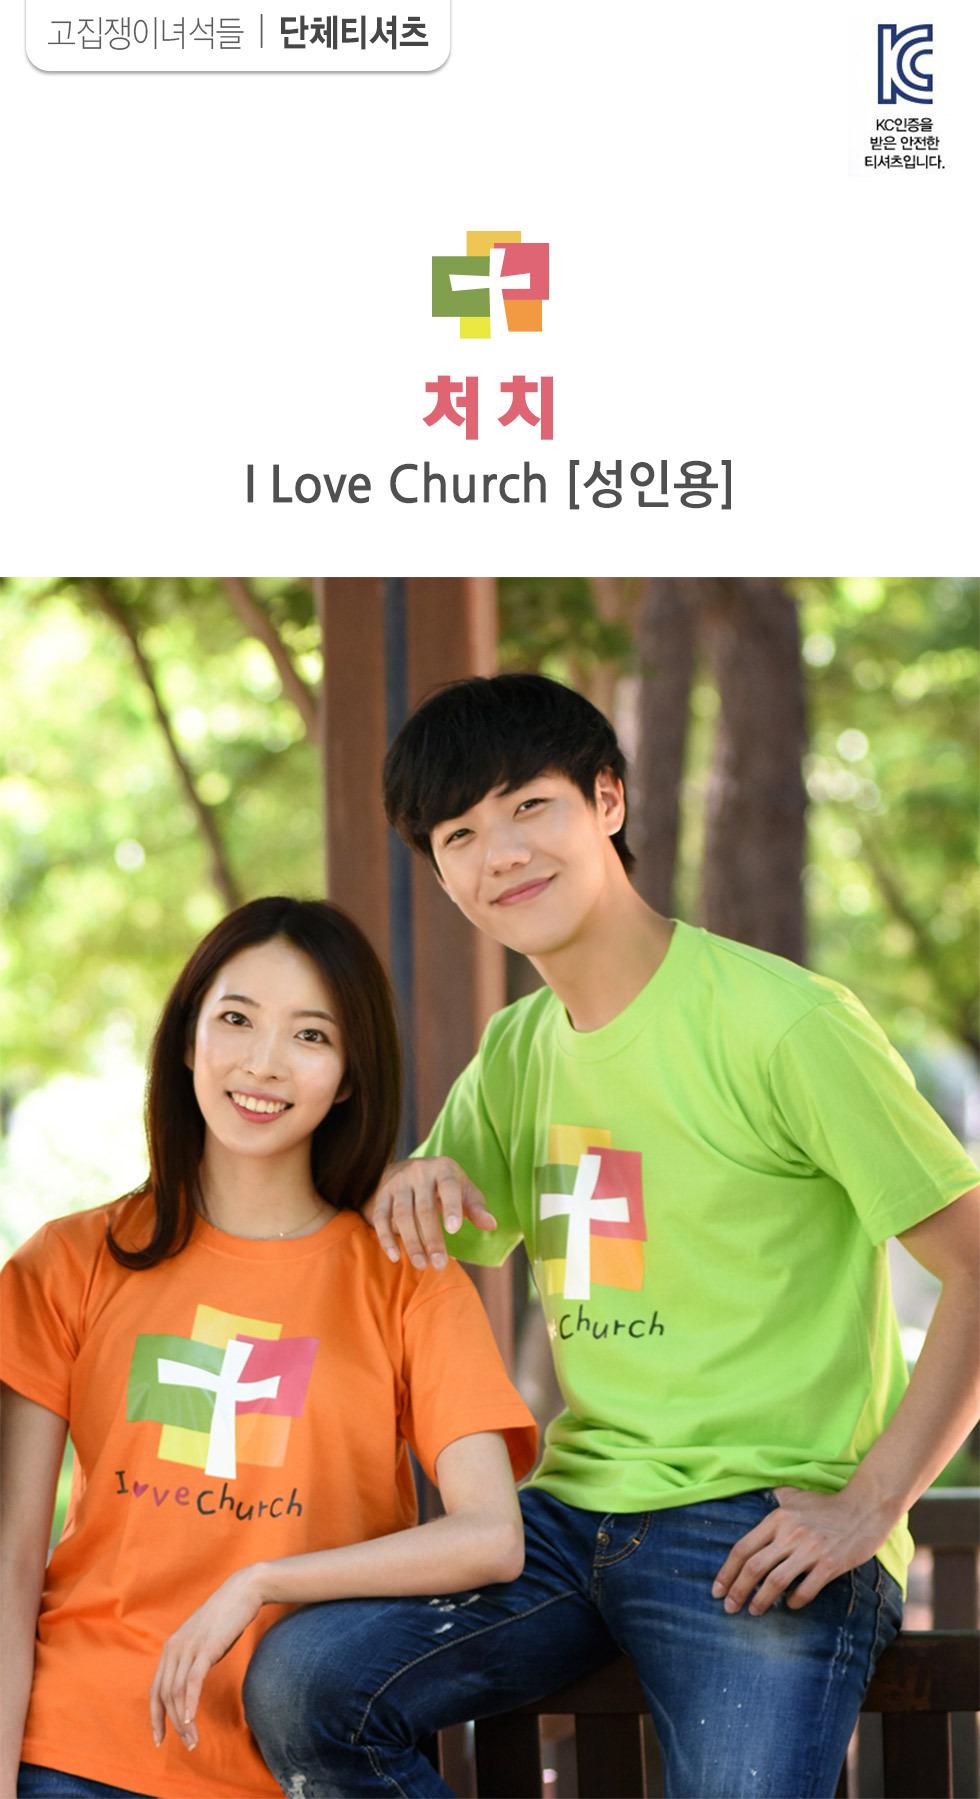 교회단체티 교회티셔츠 I Love Church 처치 intro